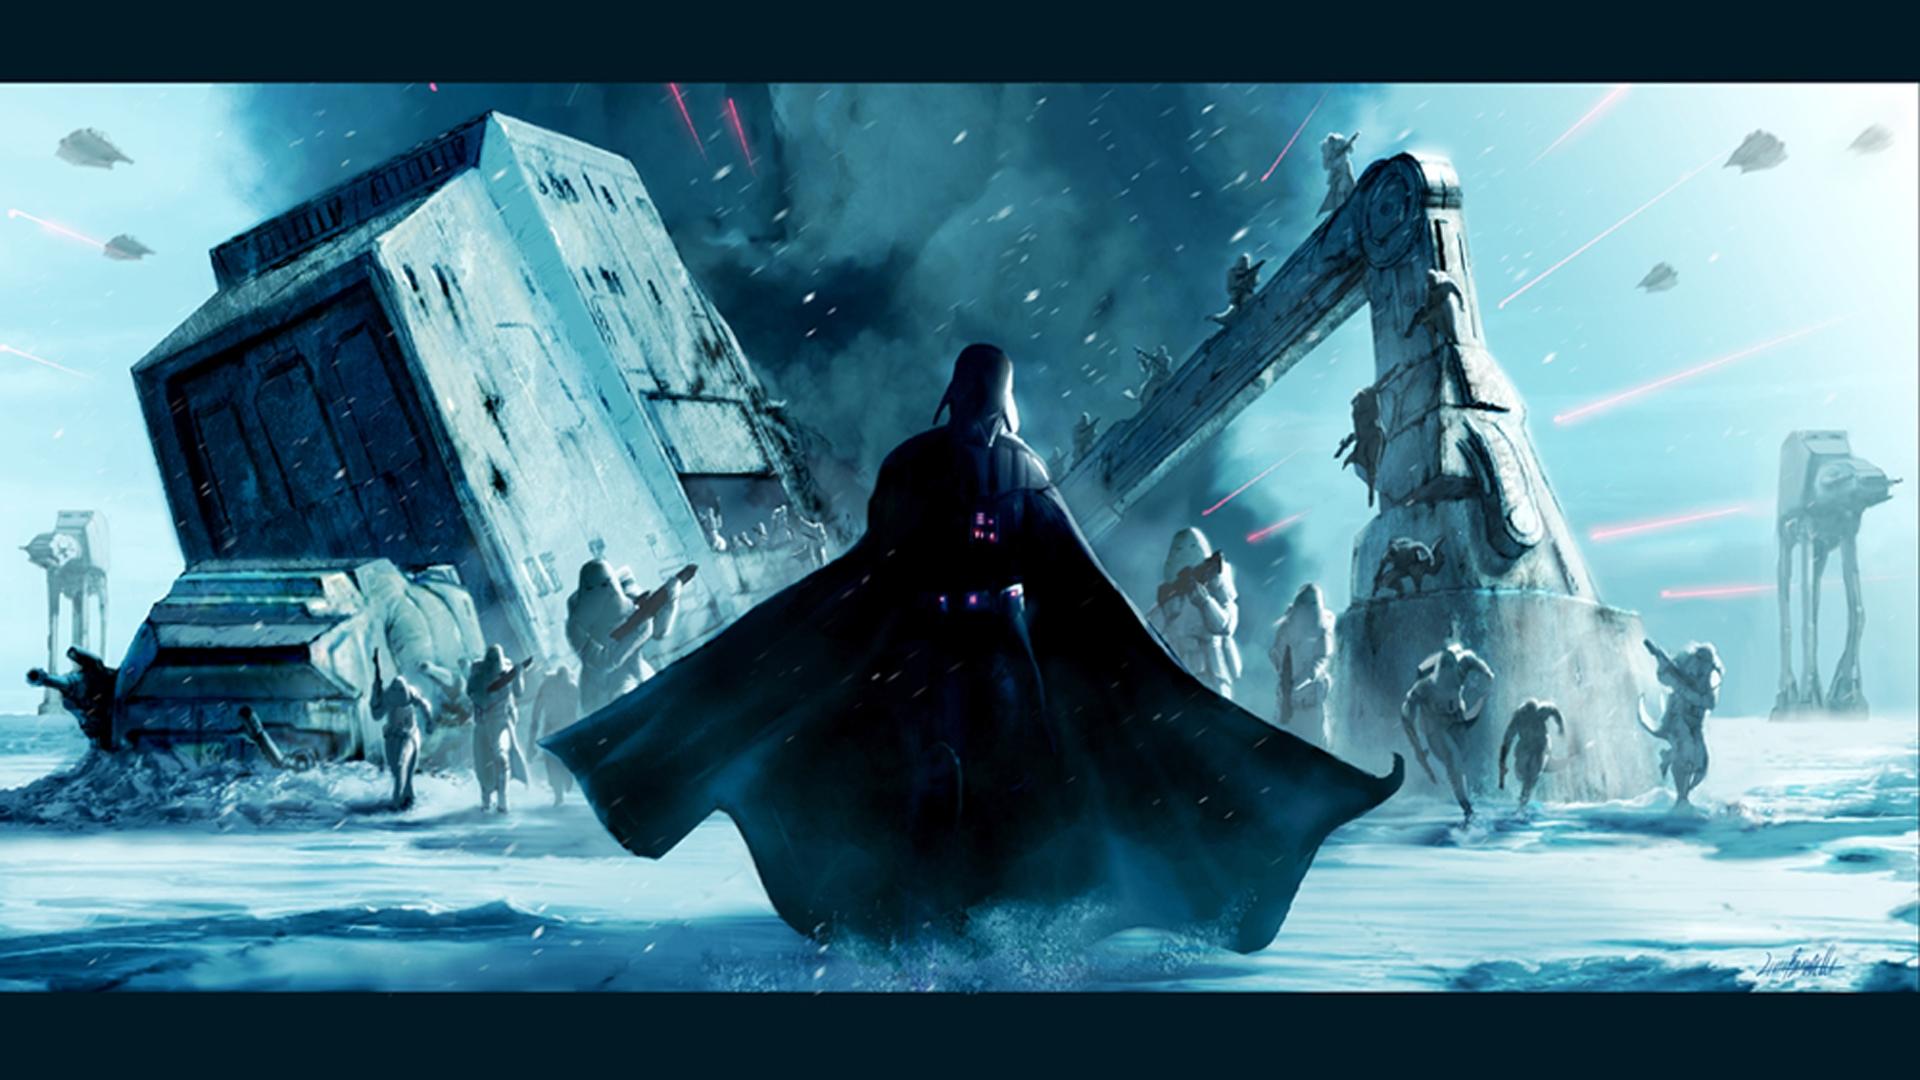 Star Wars   Darth Vader Hoth HD Wallpaper FullHDWpp   Full HD 1920x1080